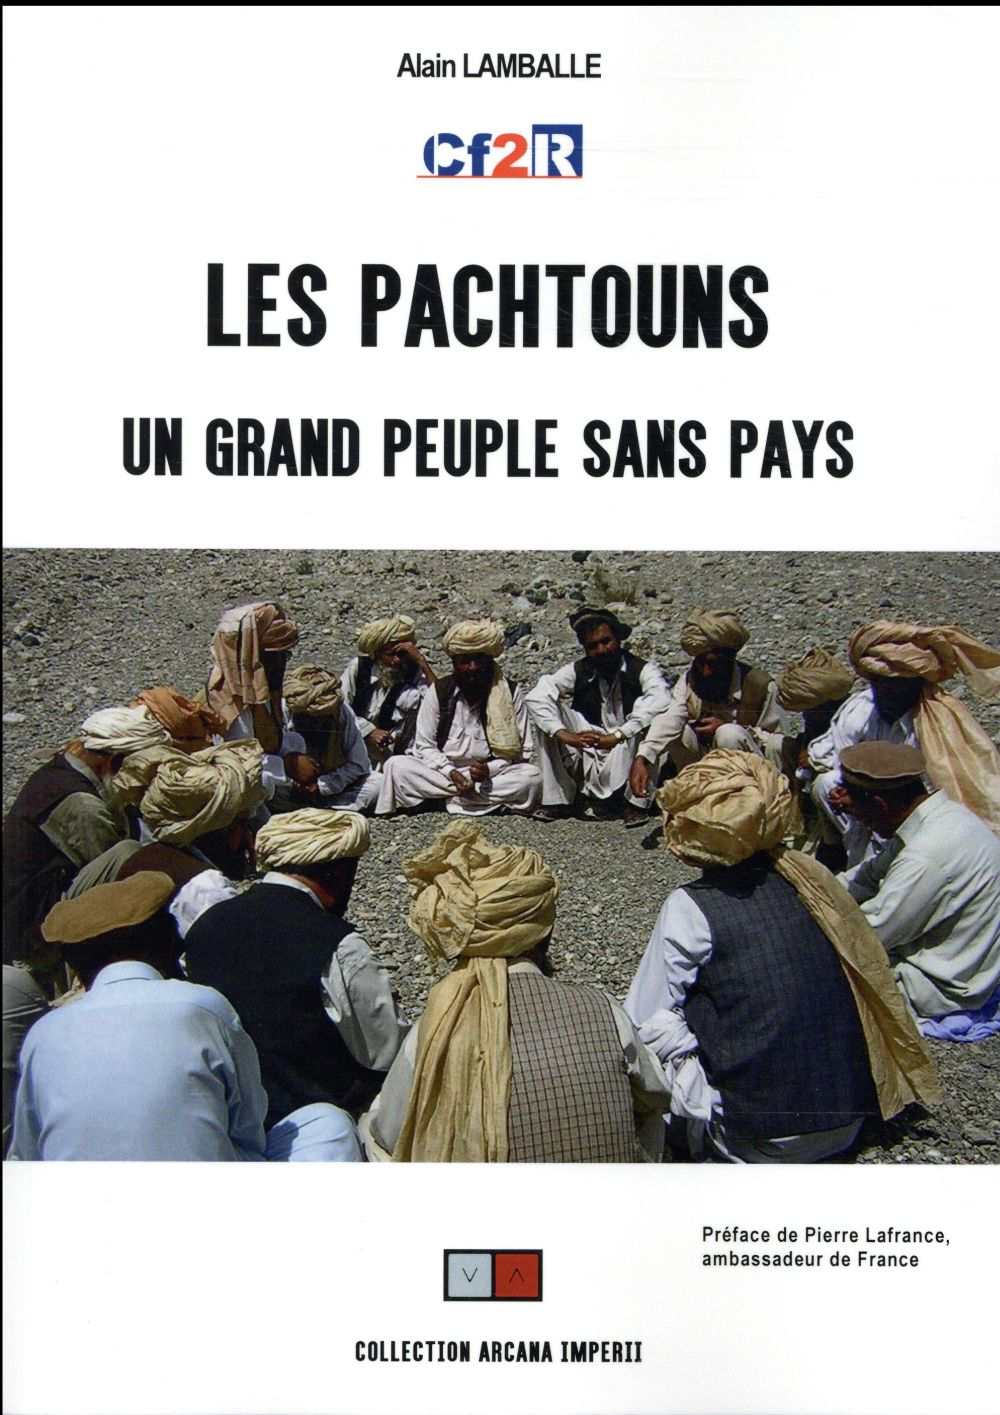 LES PACHTOUNS  UN GRAND PEUPLE SANS PAYS